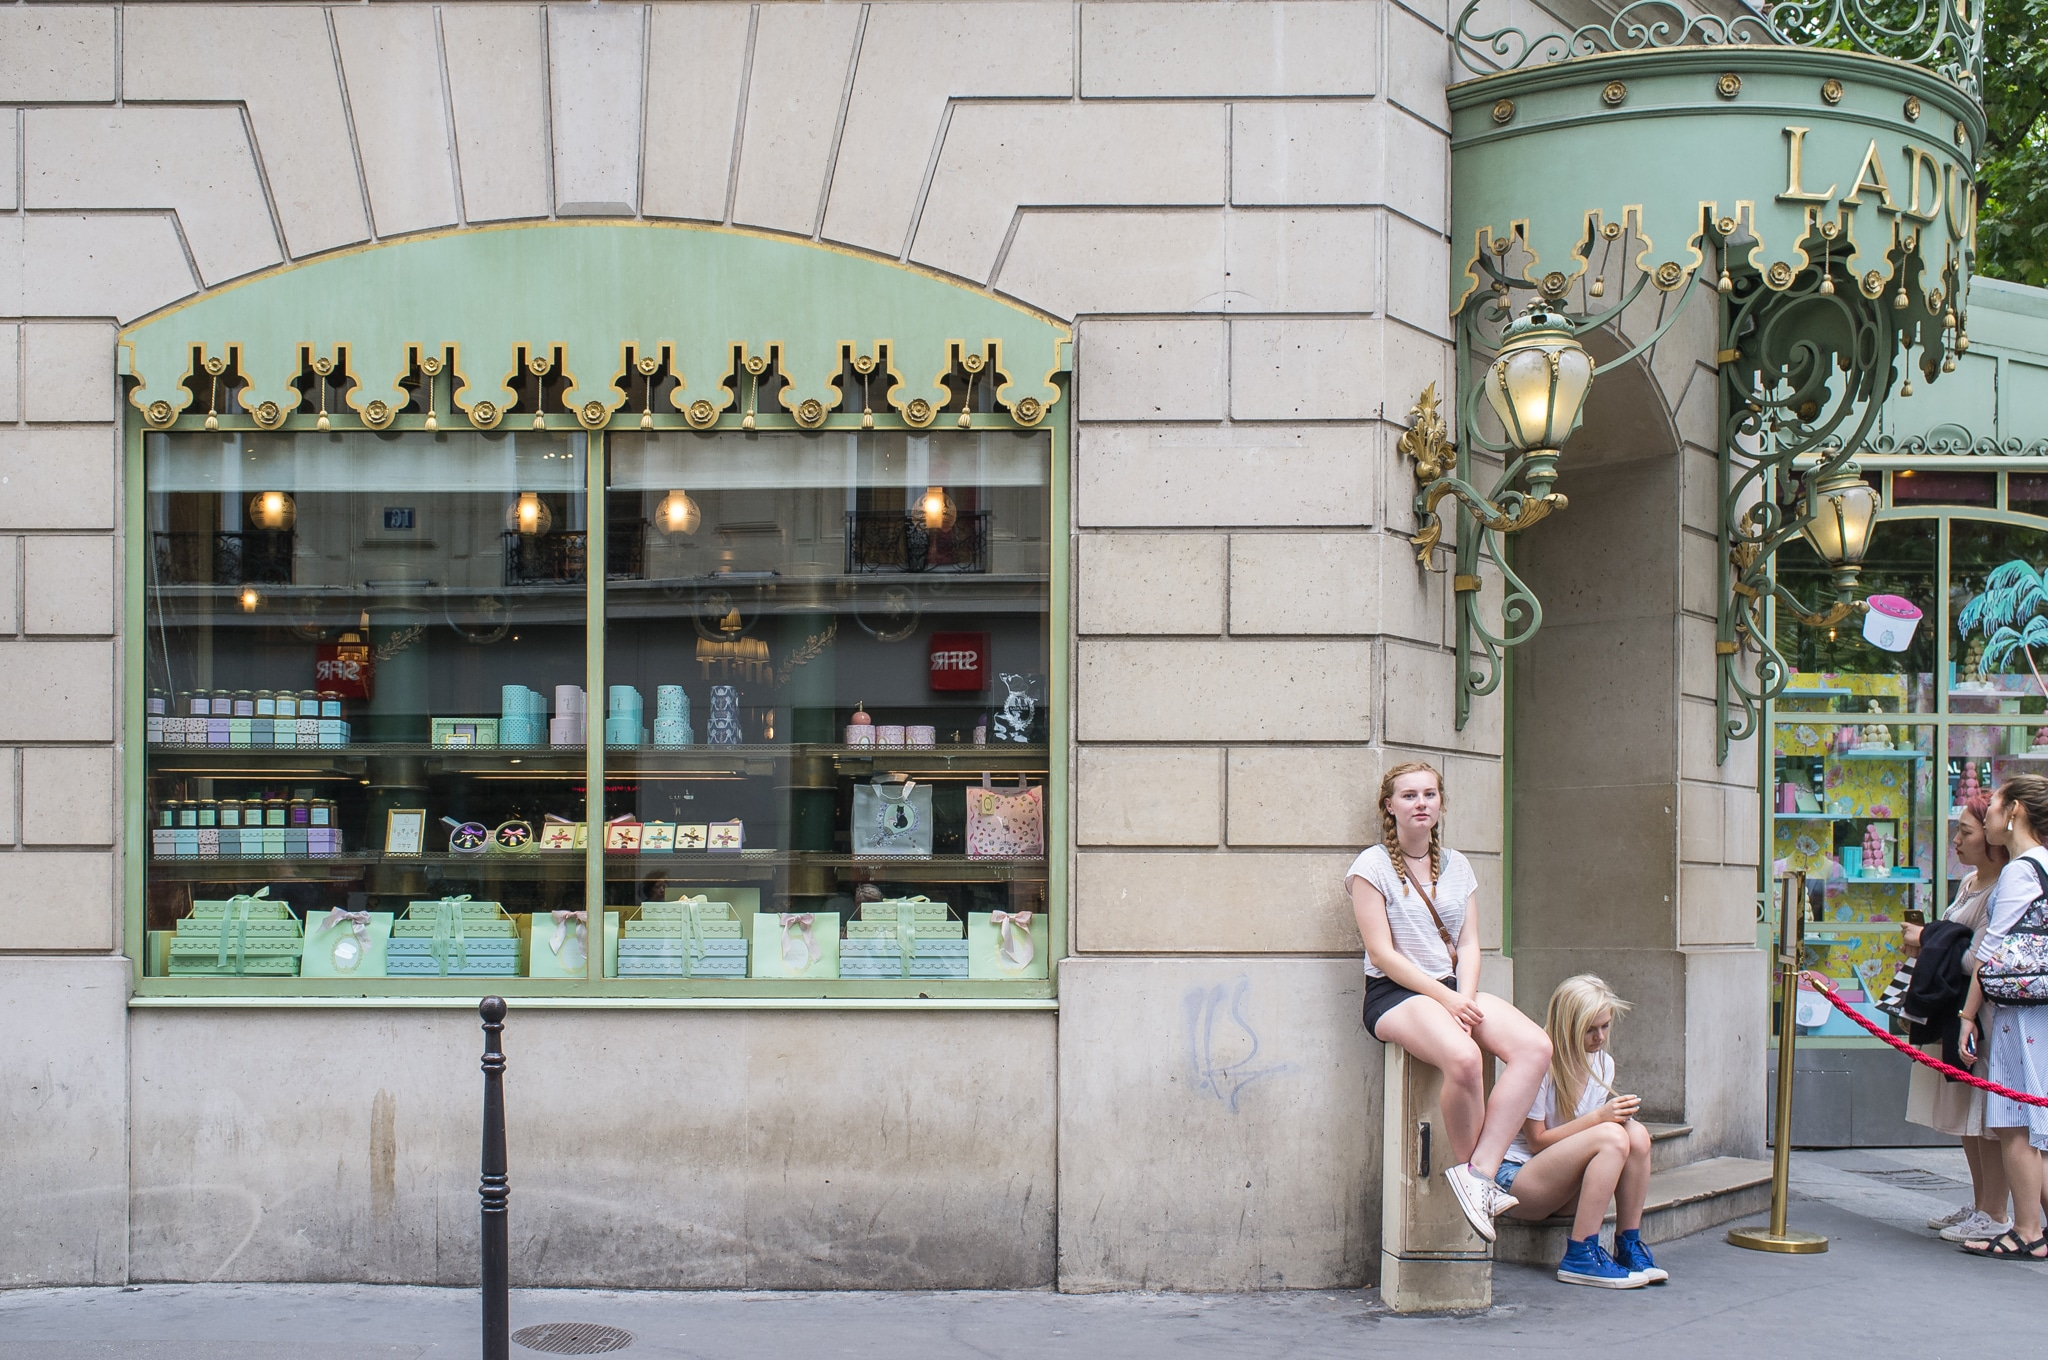 La Durée, Champs Elysees